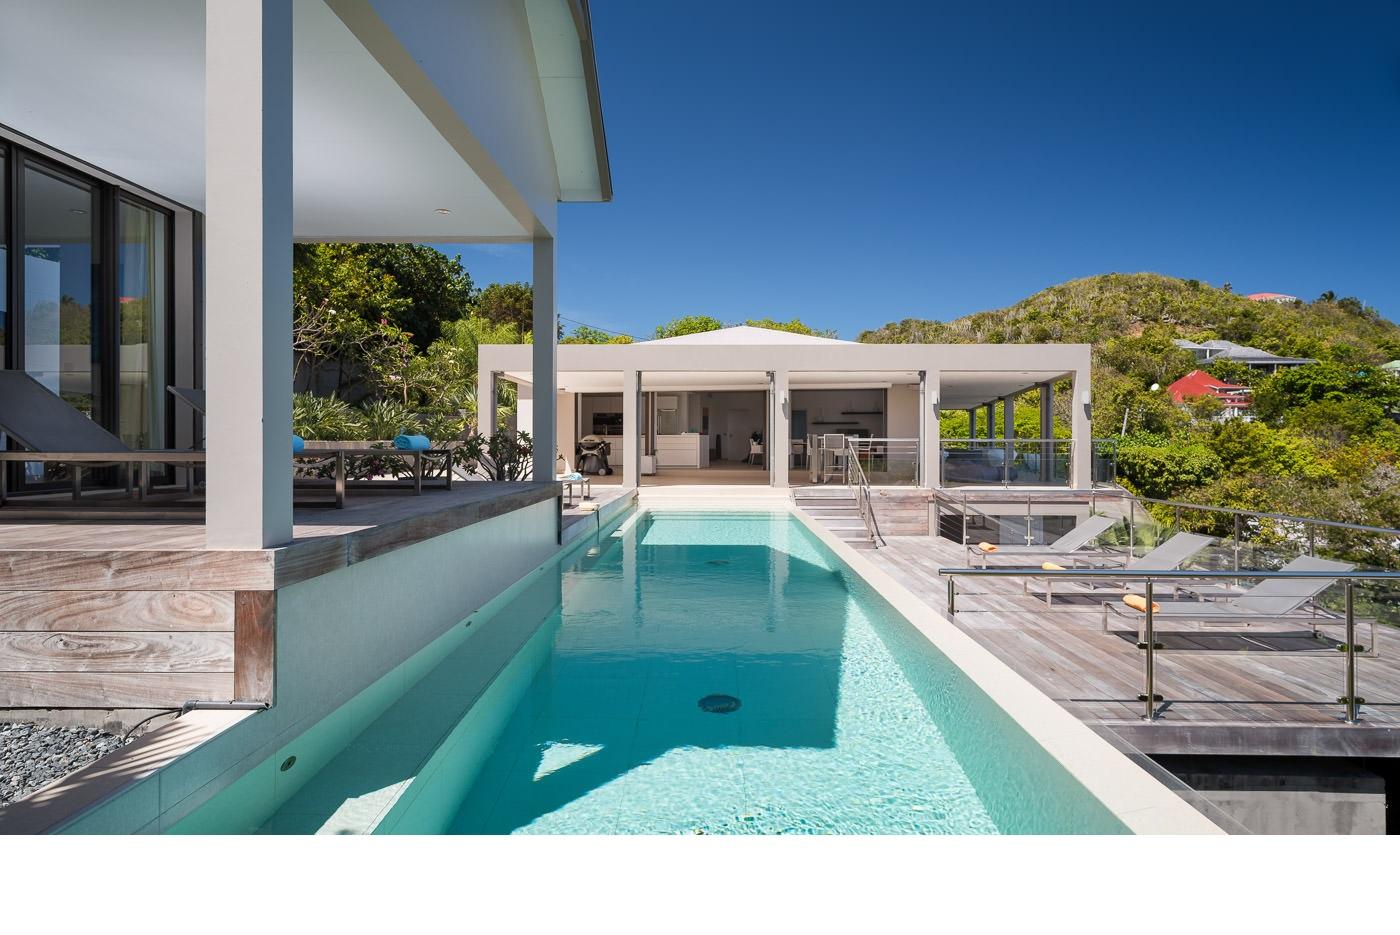 Location vacances st barth l my villa de luxe avec - Villa de vacances luxe location think ...